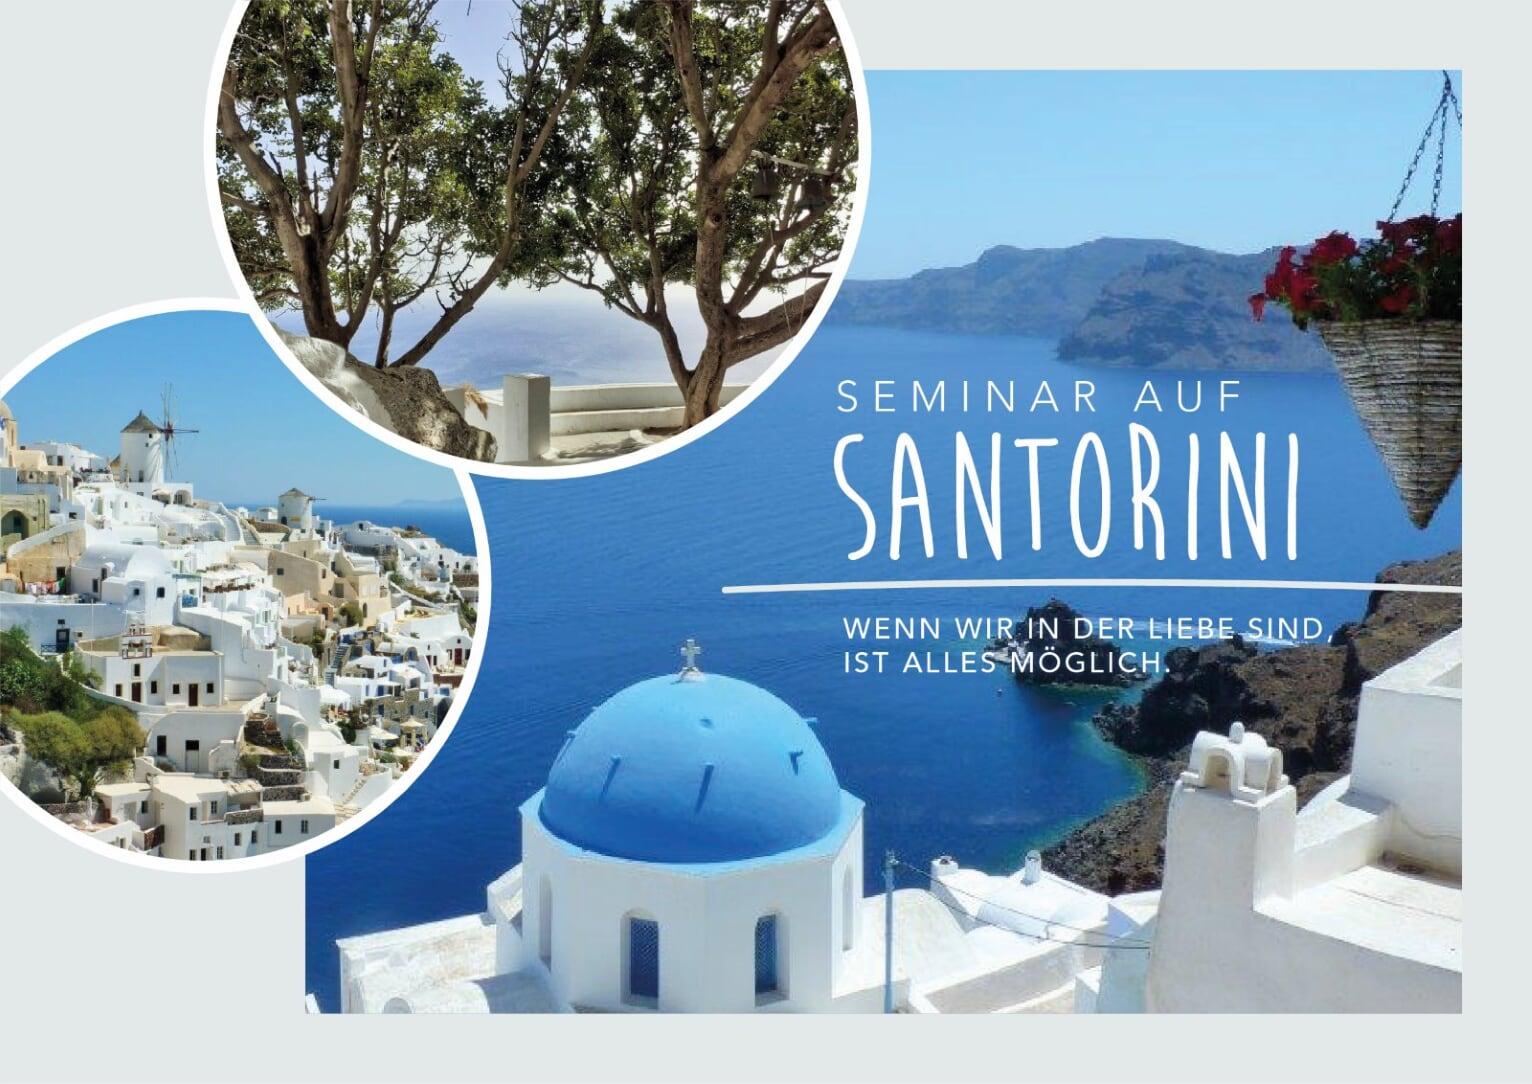 Santorini2021 V2 11